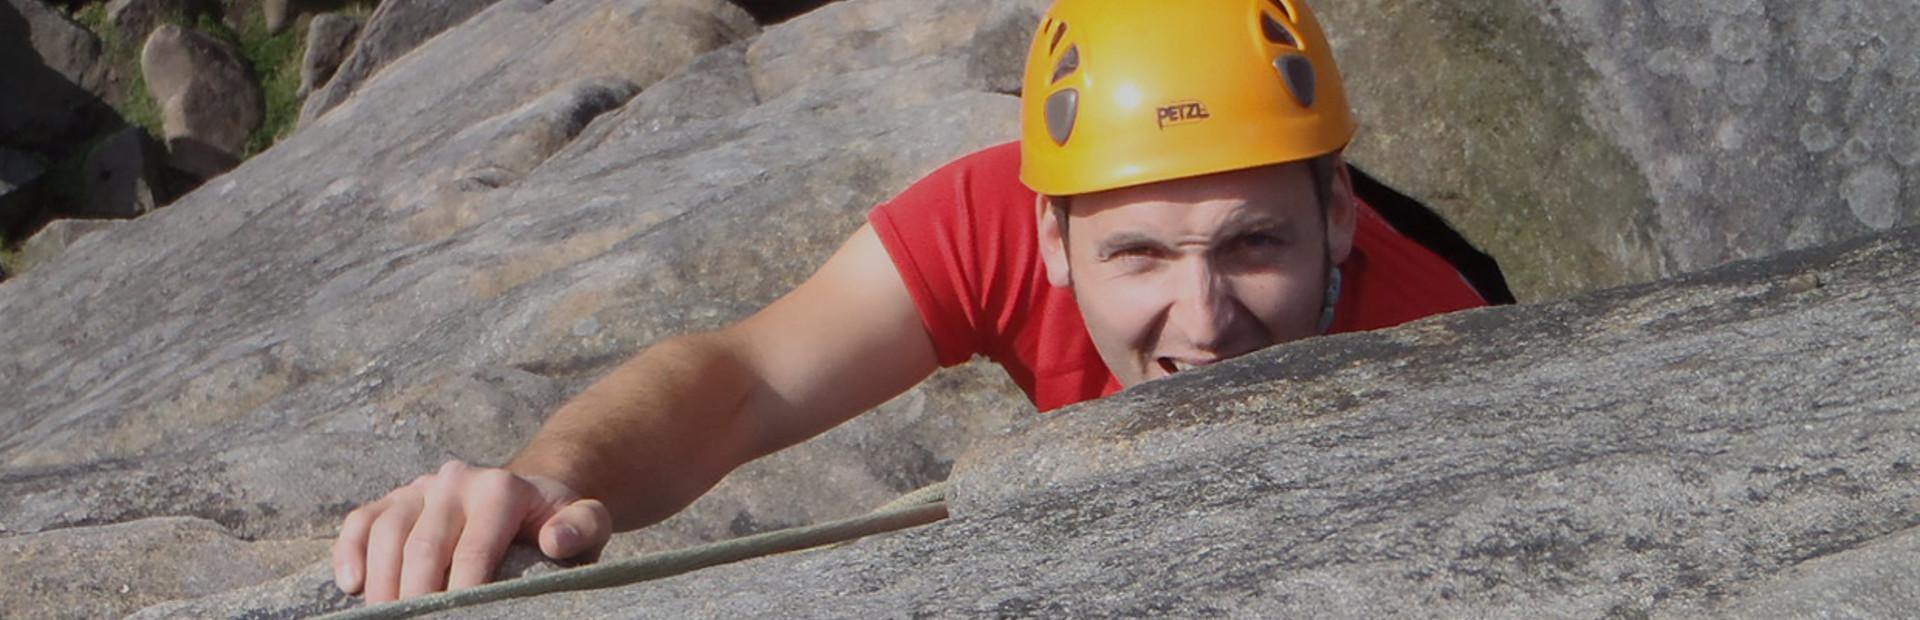 Zážitkové lezenie na skalách